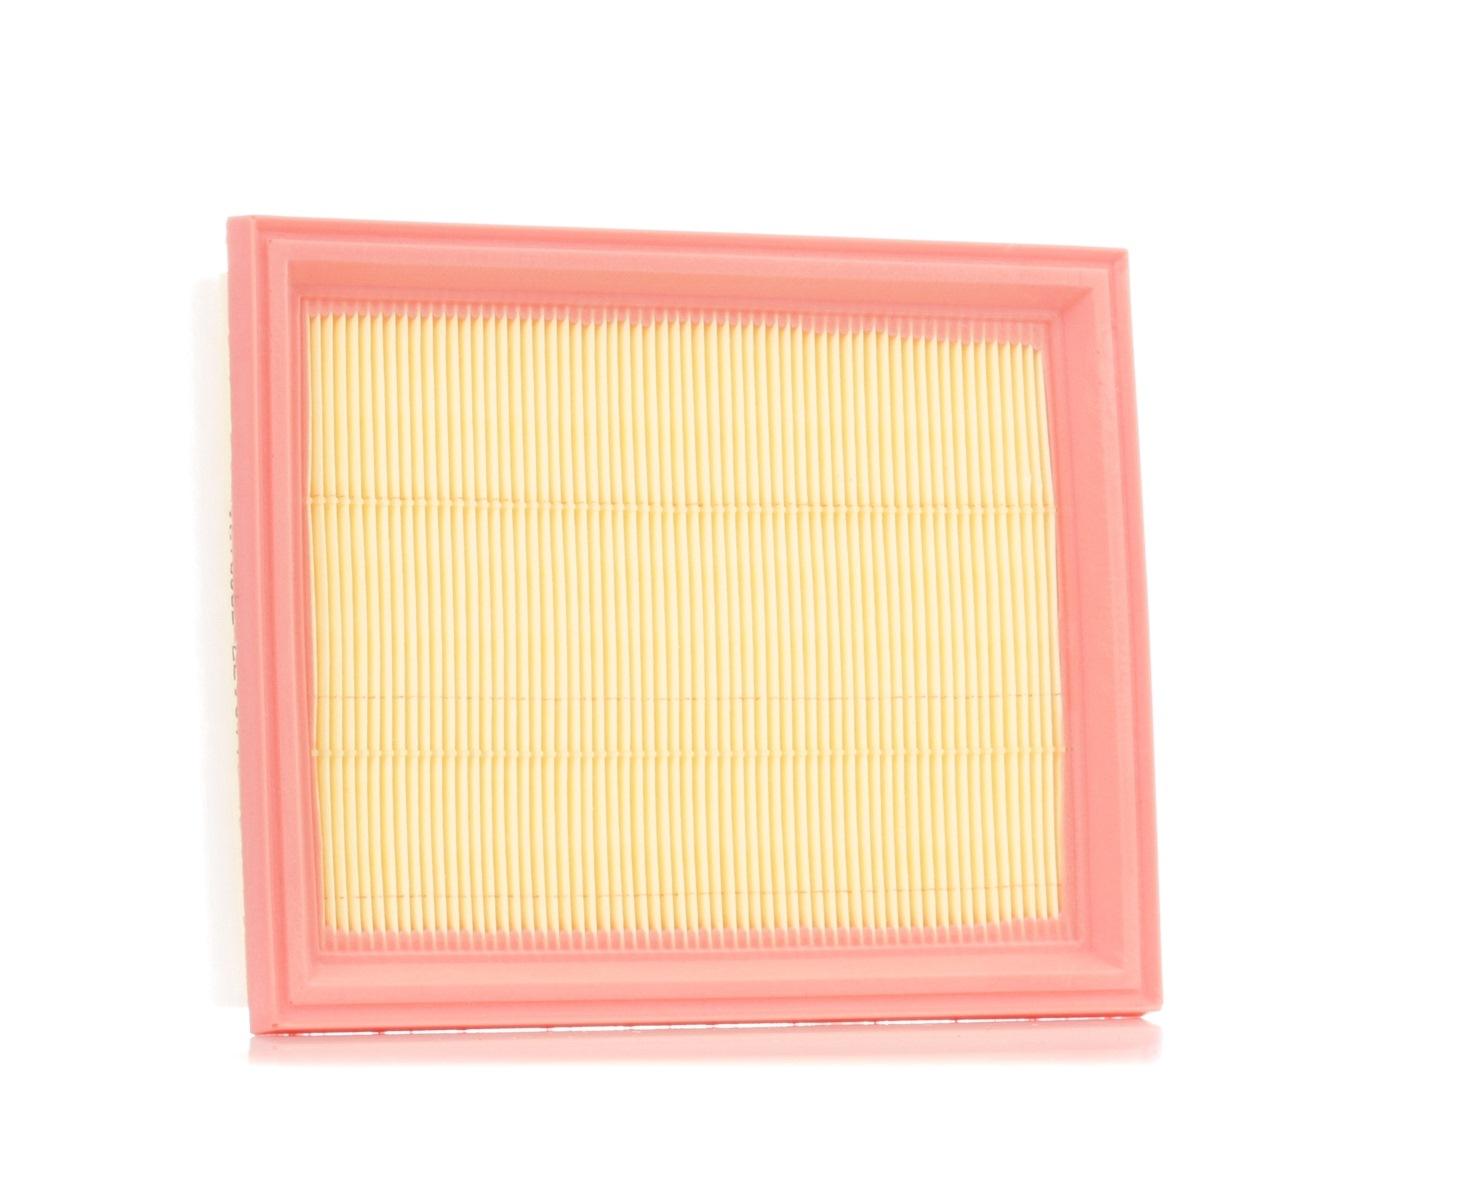 Zracni filter SKAF-0060410 STARK - samo novi deli